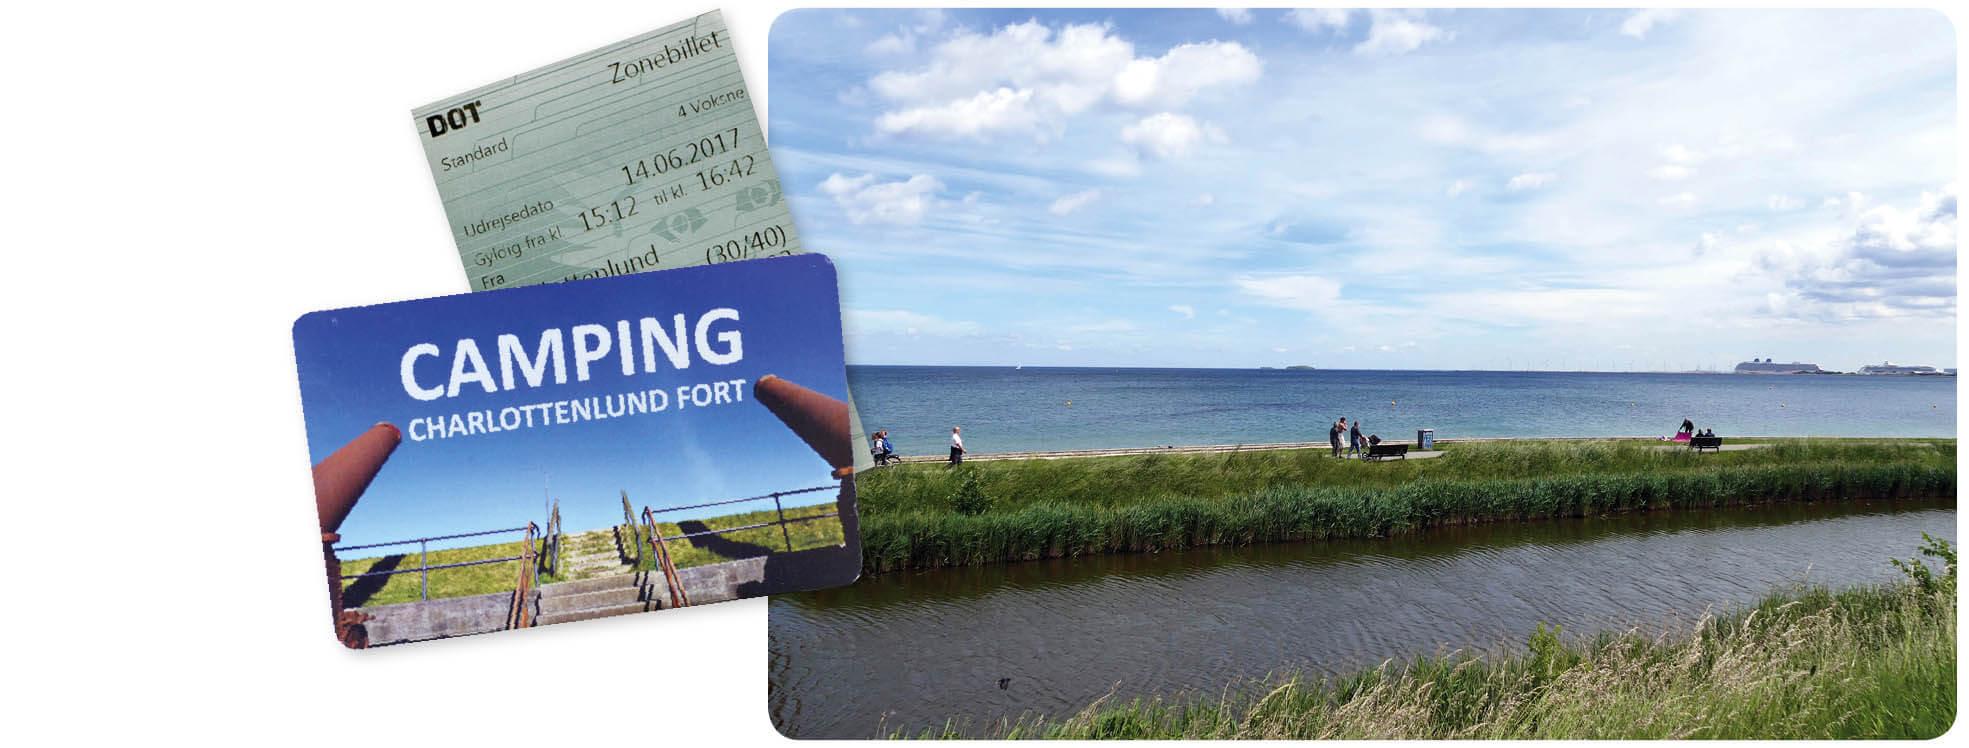 copenhague, danemark, Denmark, voyage, europe, camping, mer, charlottenlund